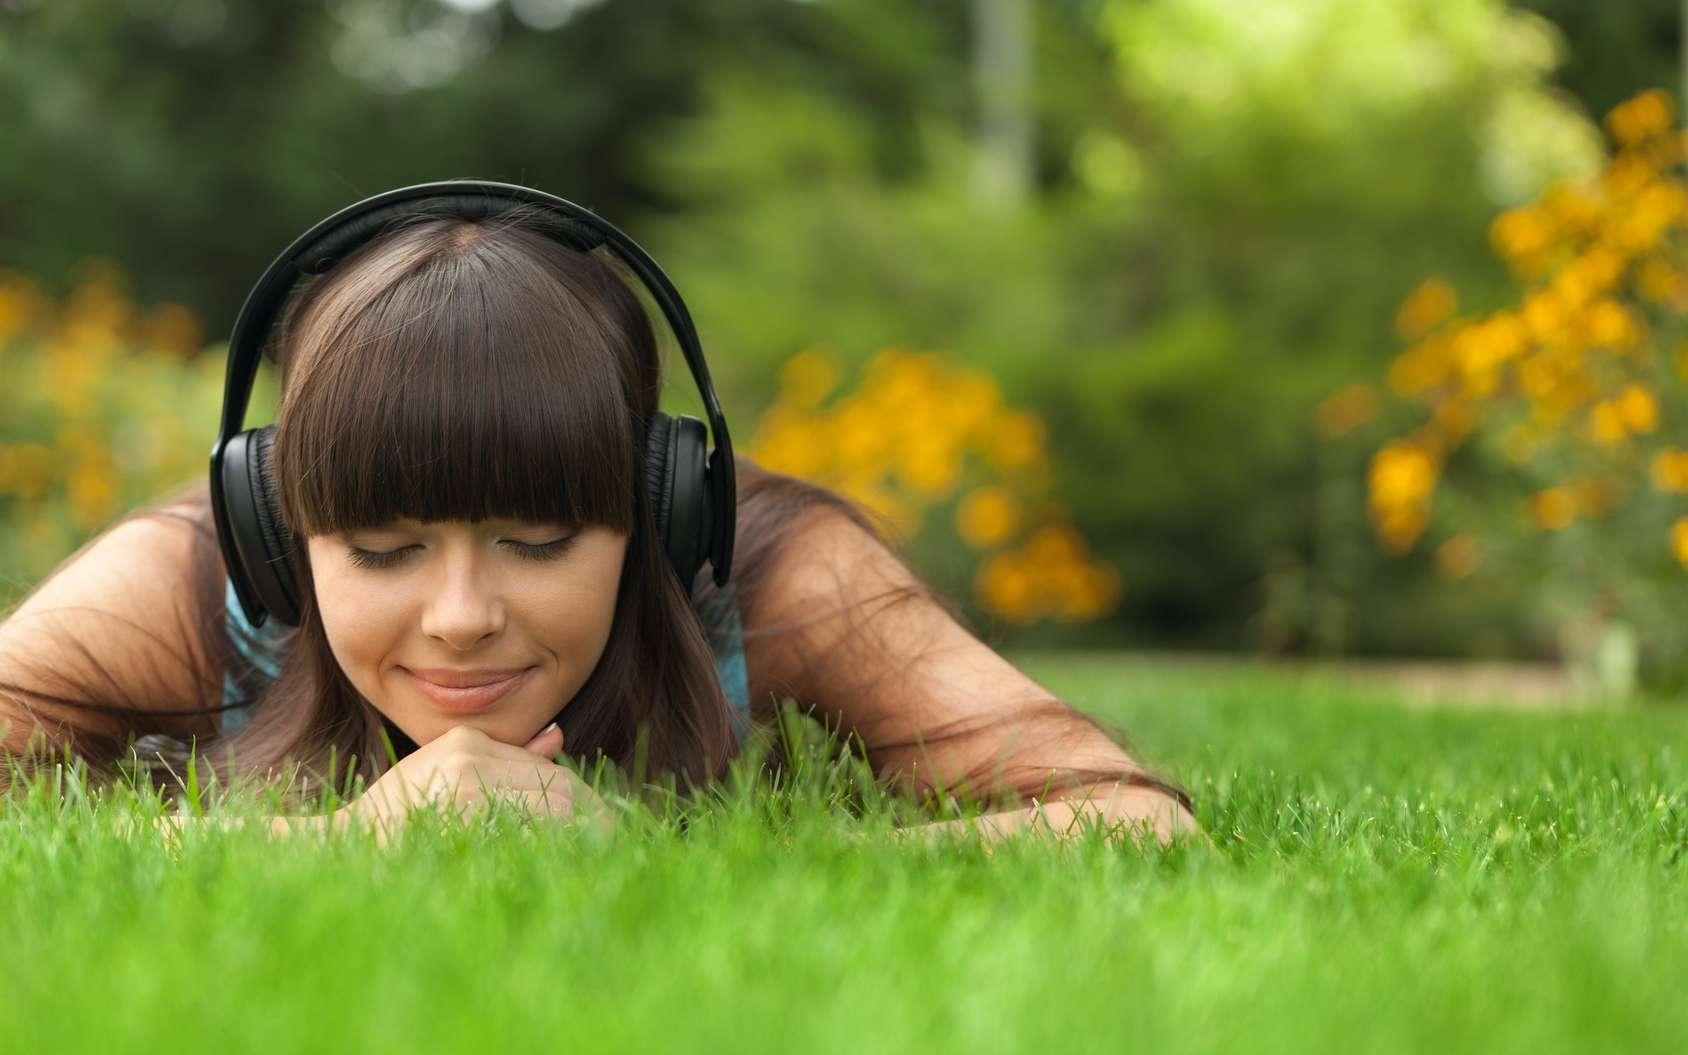 Source de plaisir, la musique aide à se relaxer. Elle est bonne pour la santé. © BillionPhotos.com, Fotolia